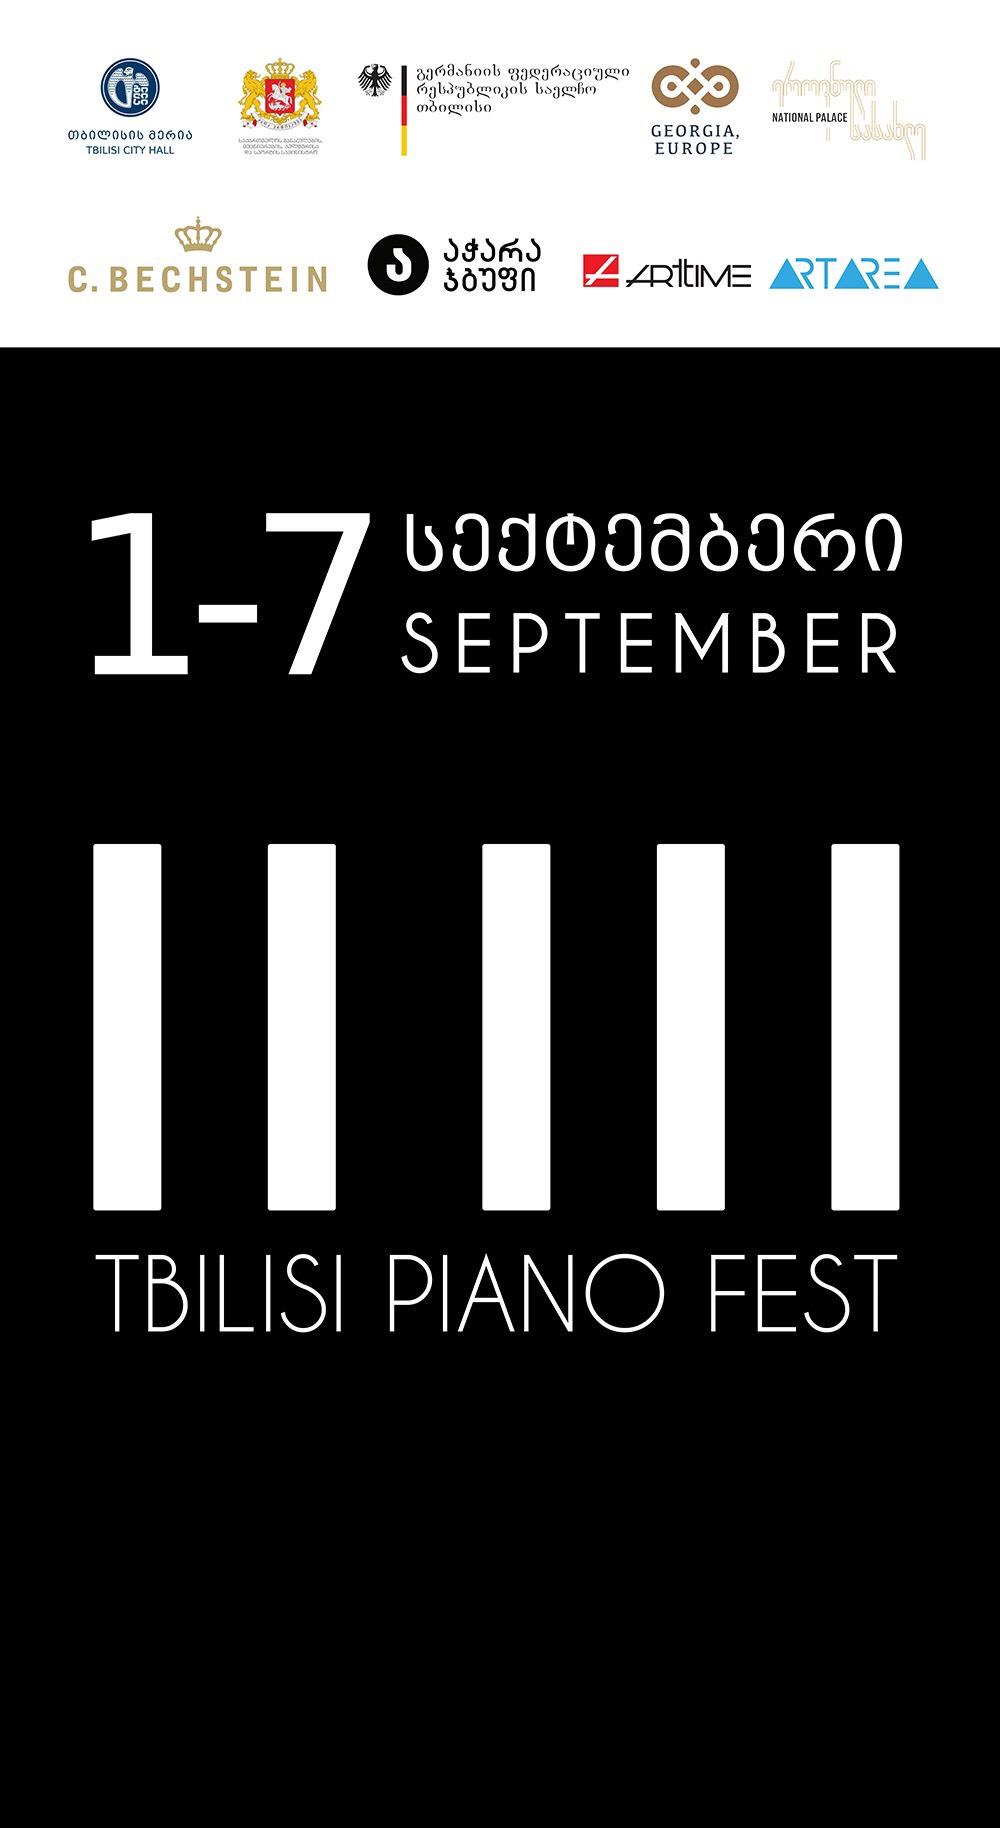 TBILISI PIANO FEST პირველ სექტემბერს ორბელიანის მოედანზე გაიხსნება